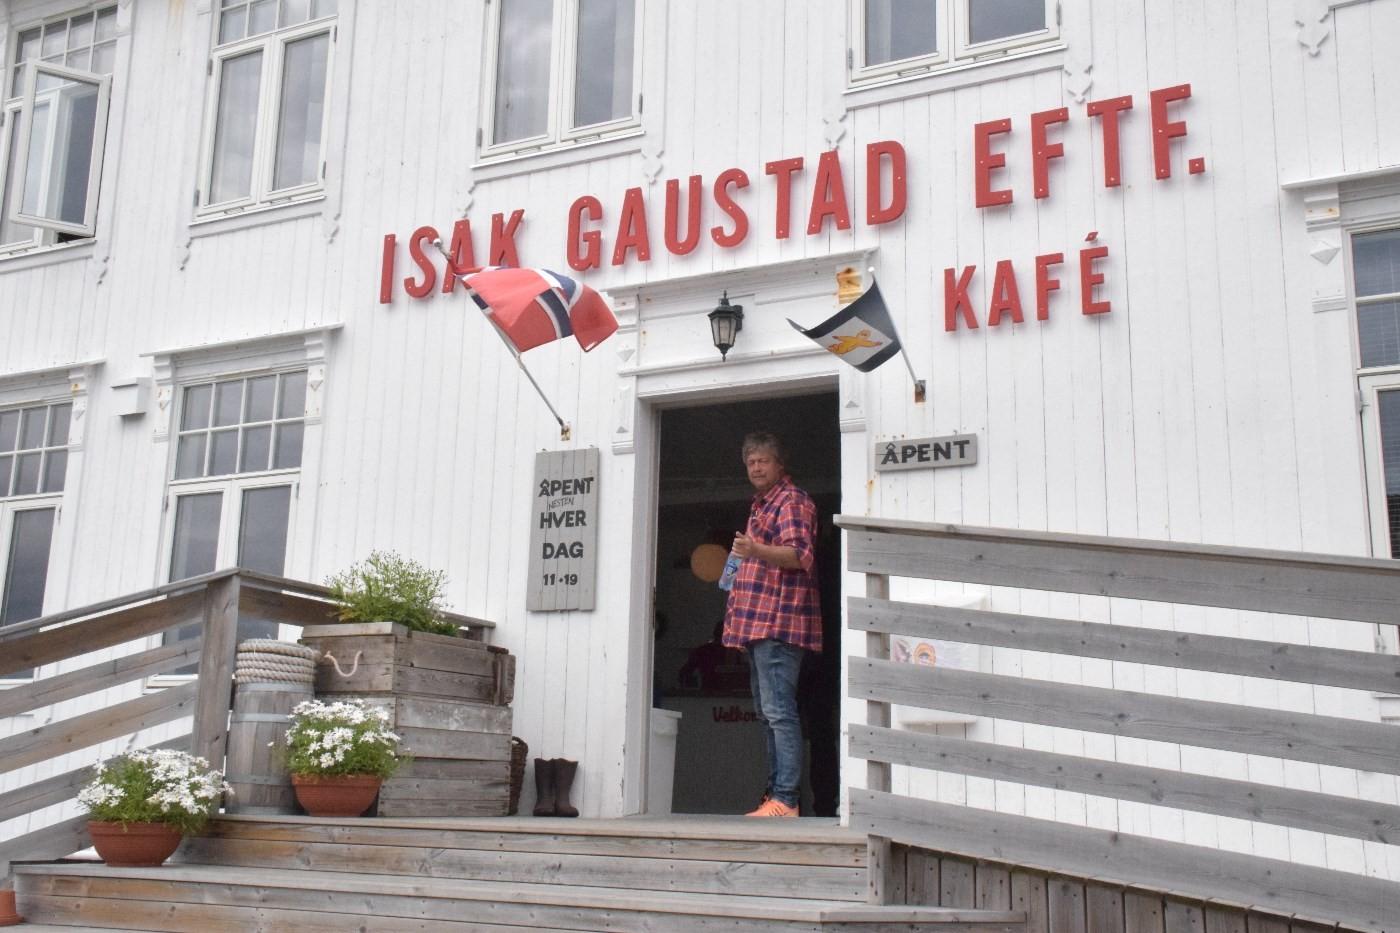 Nystekte bakels lokka oss inn på kafeen på Titran.  Foto: Jon Olav Ørsal